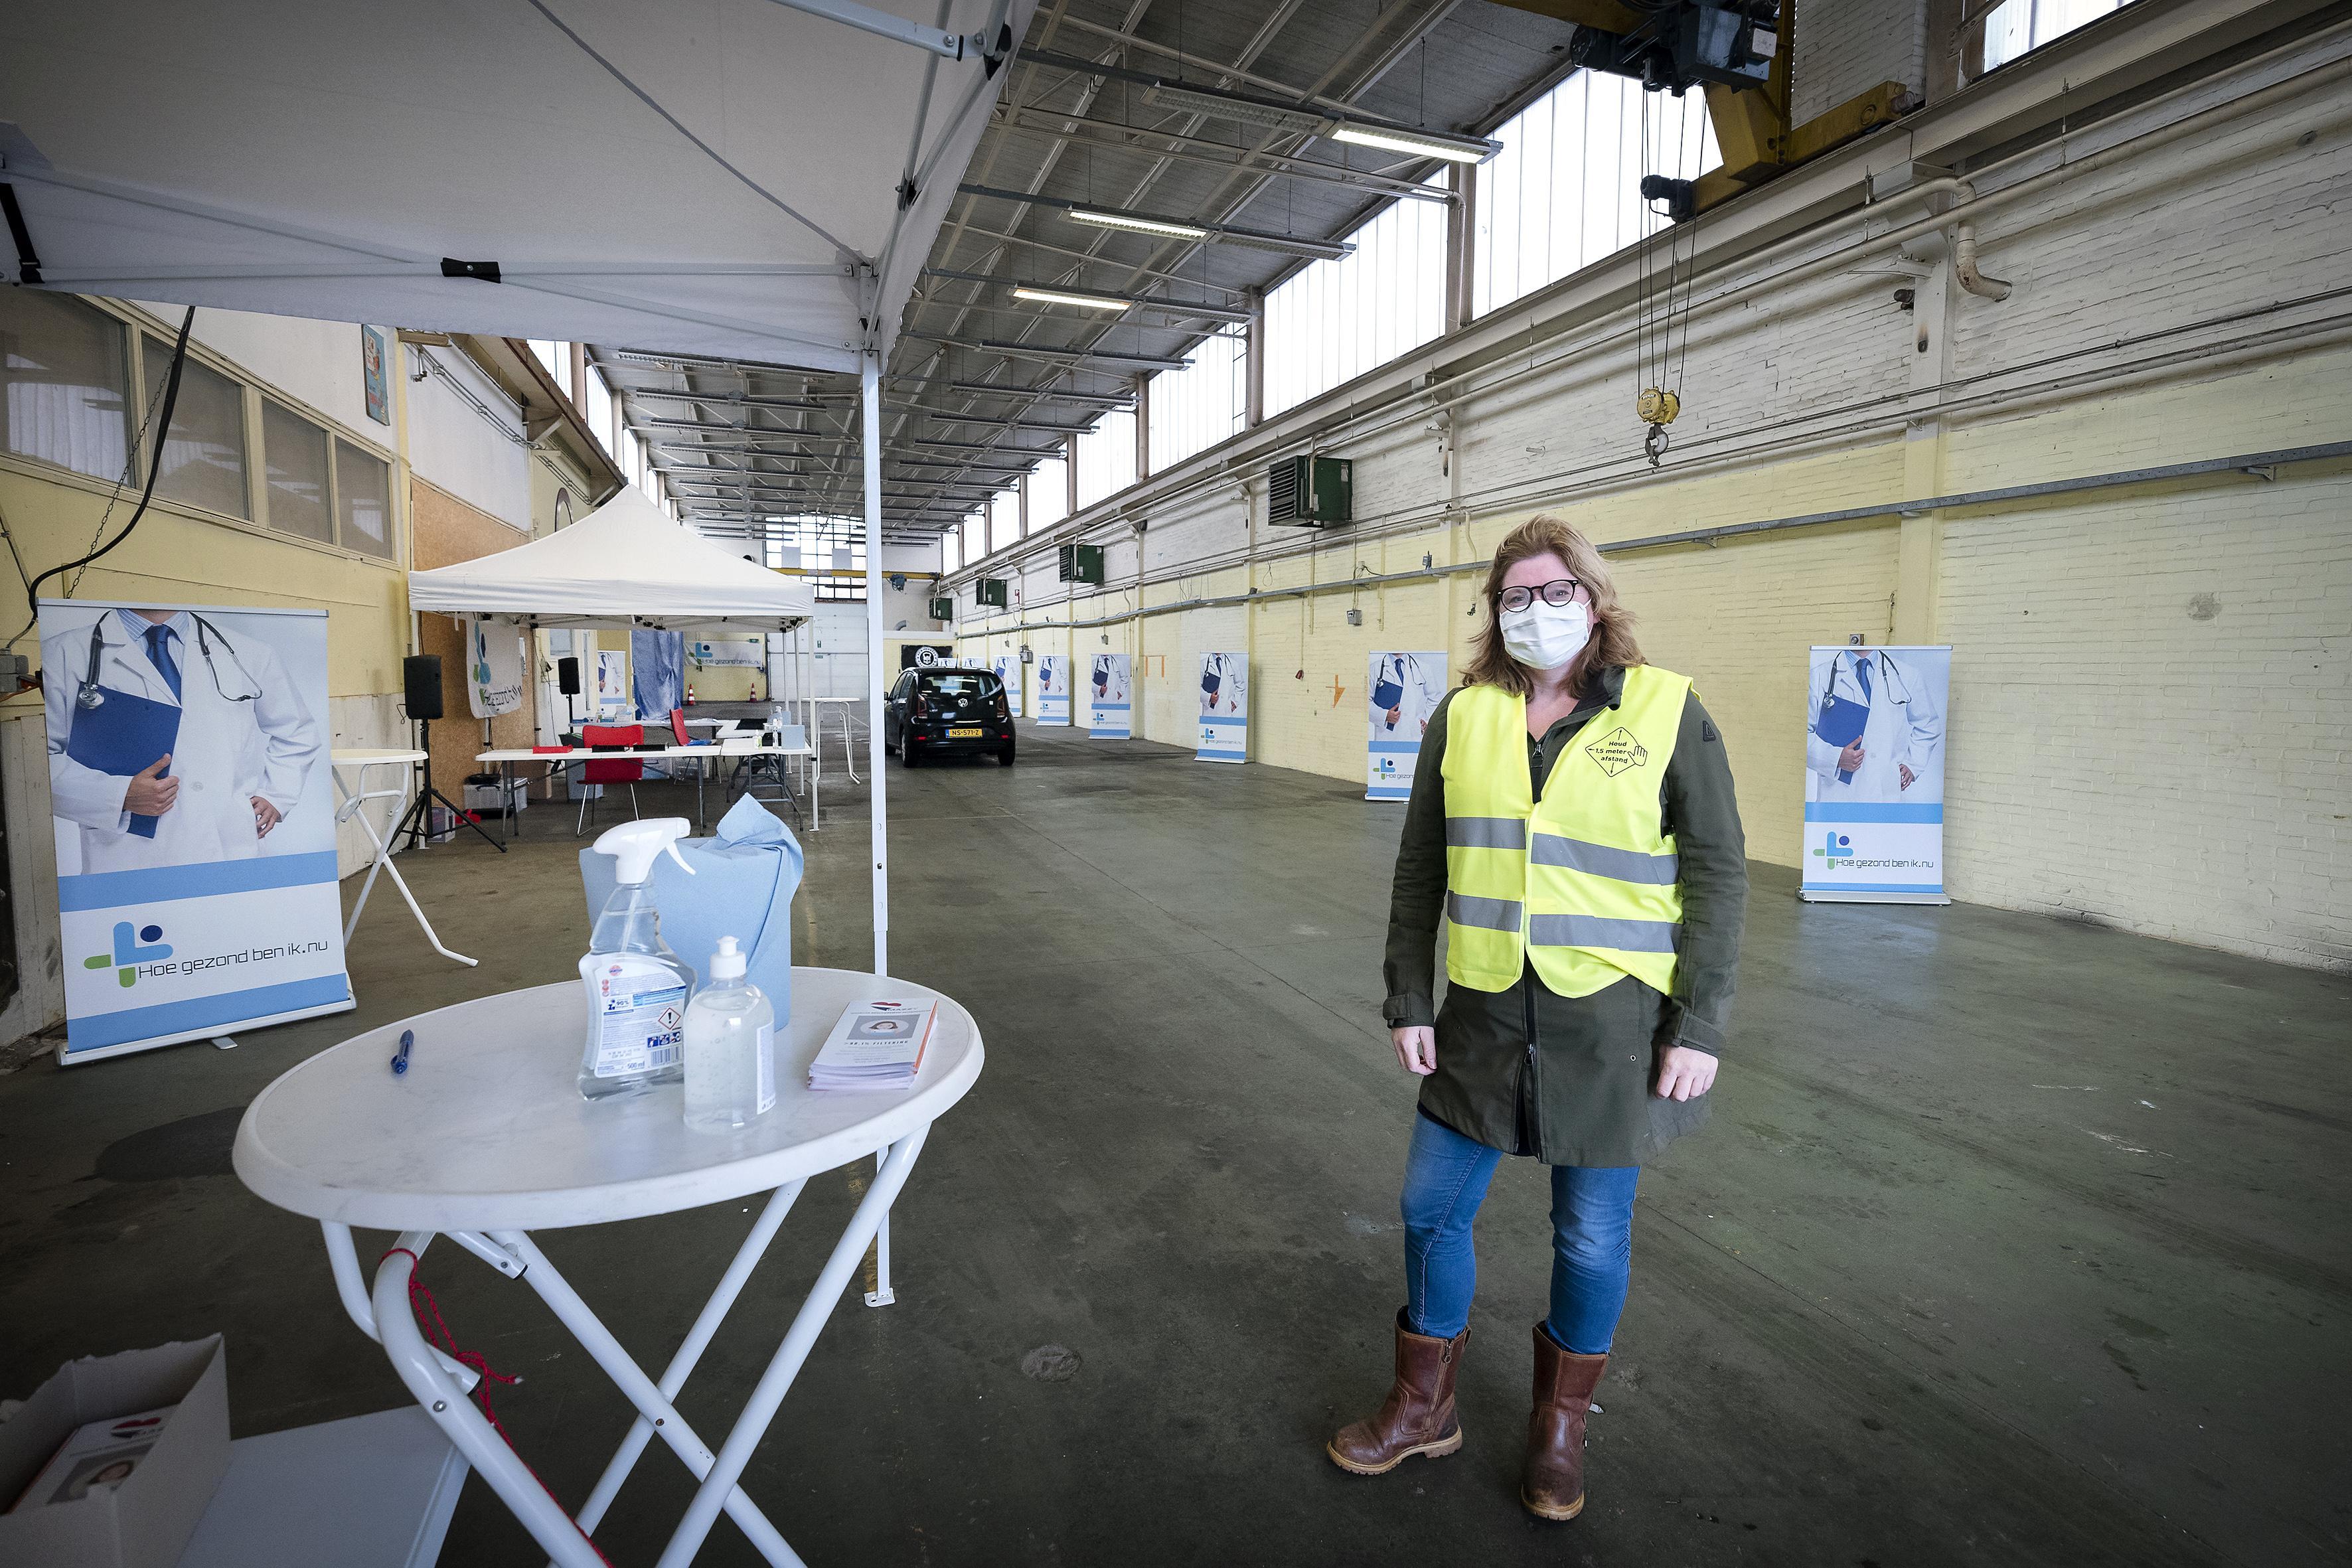 Commerciële corona-snelteststraat geopend in IJmuiden: 'Uitslag binnen vijftien minuten'